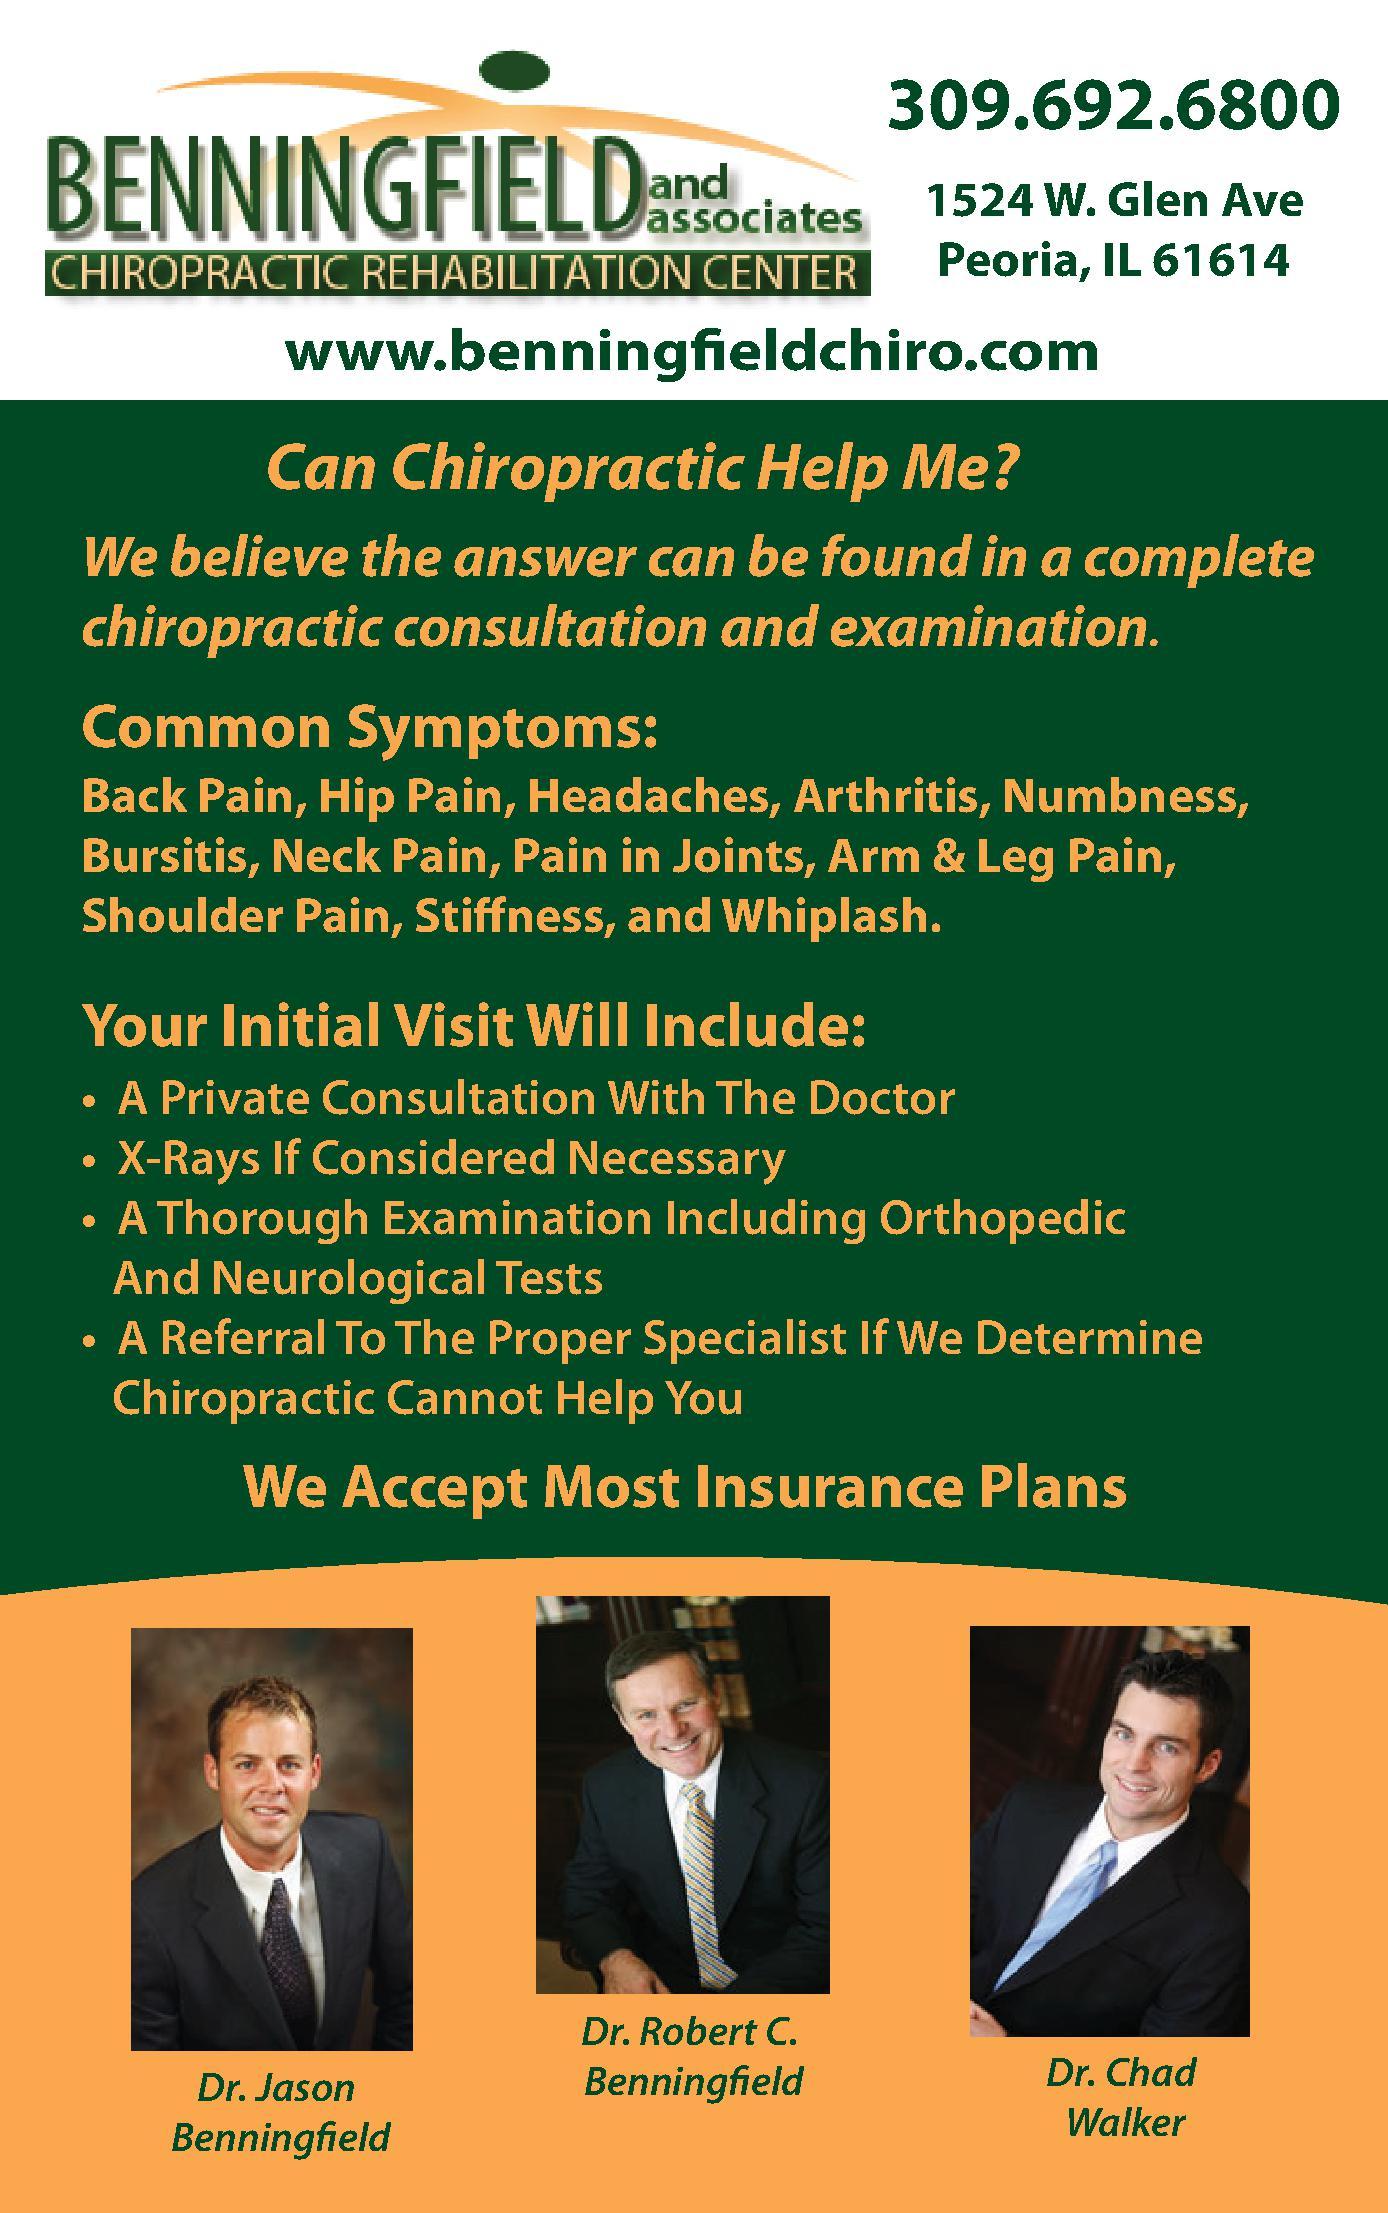 Benningfield Chiropractic